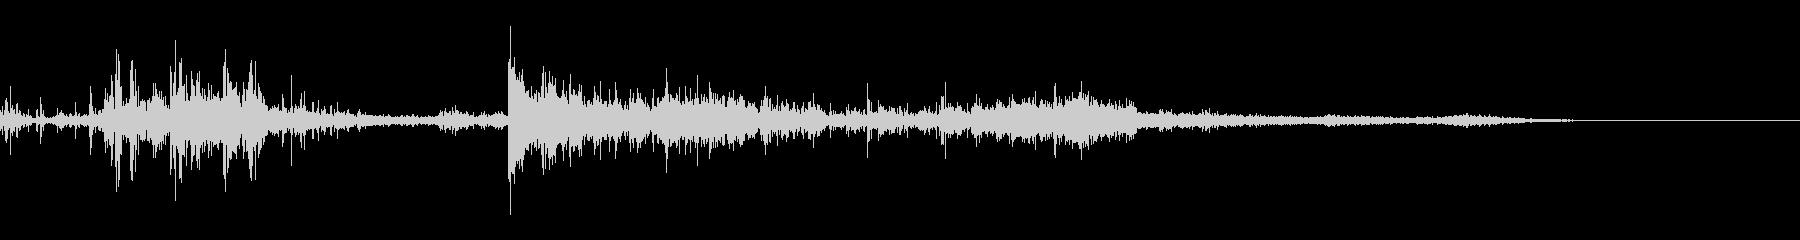 カミナリ(遠雷)-28の未再生の波形